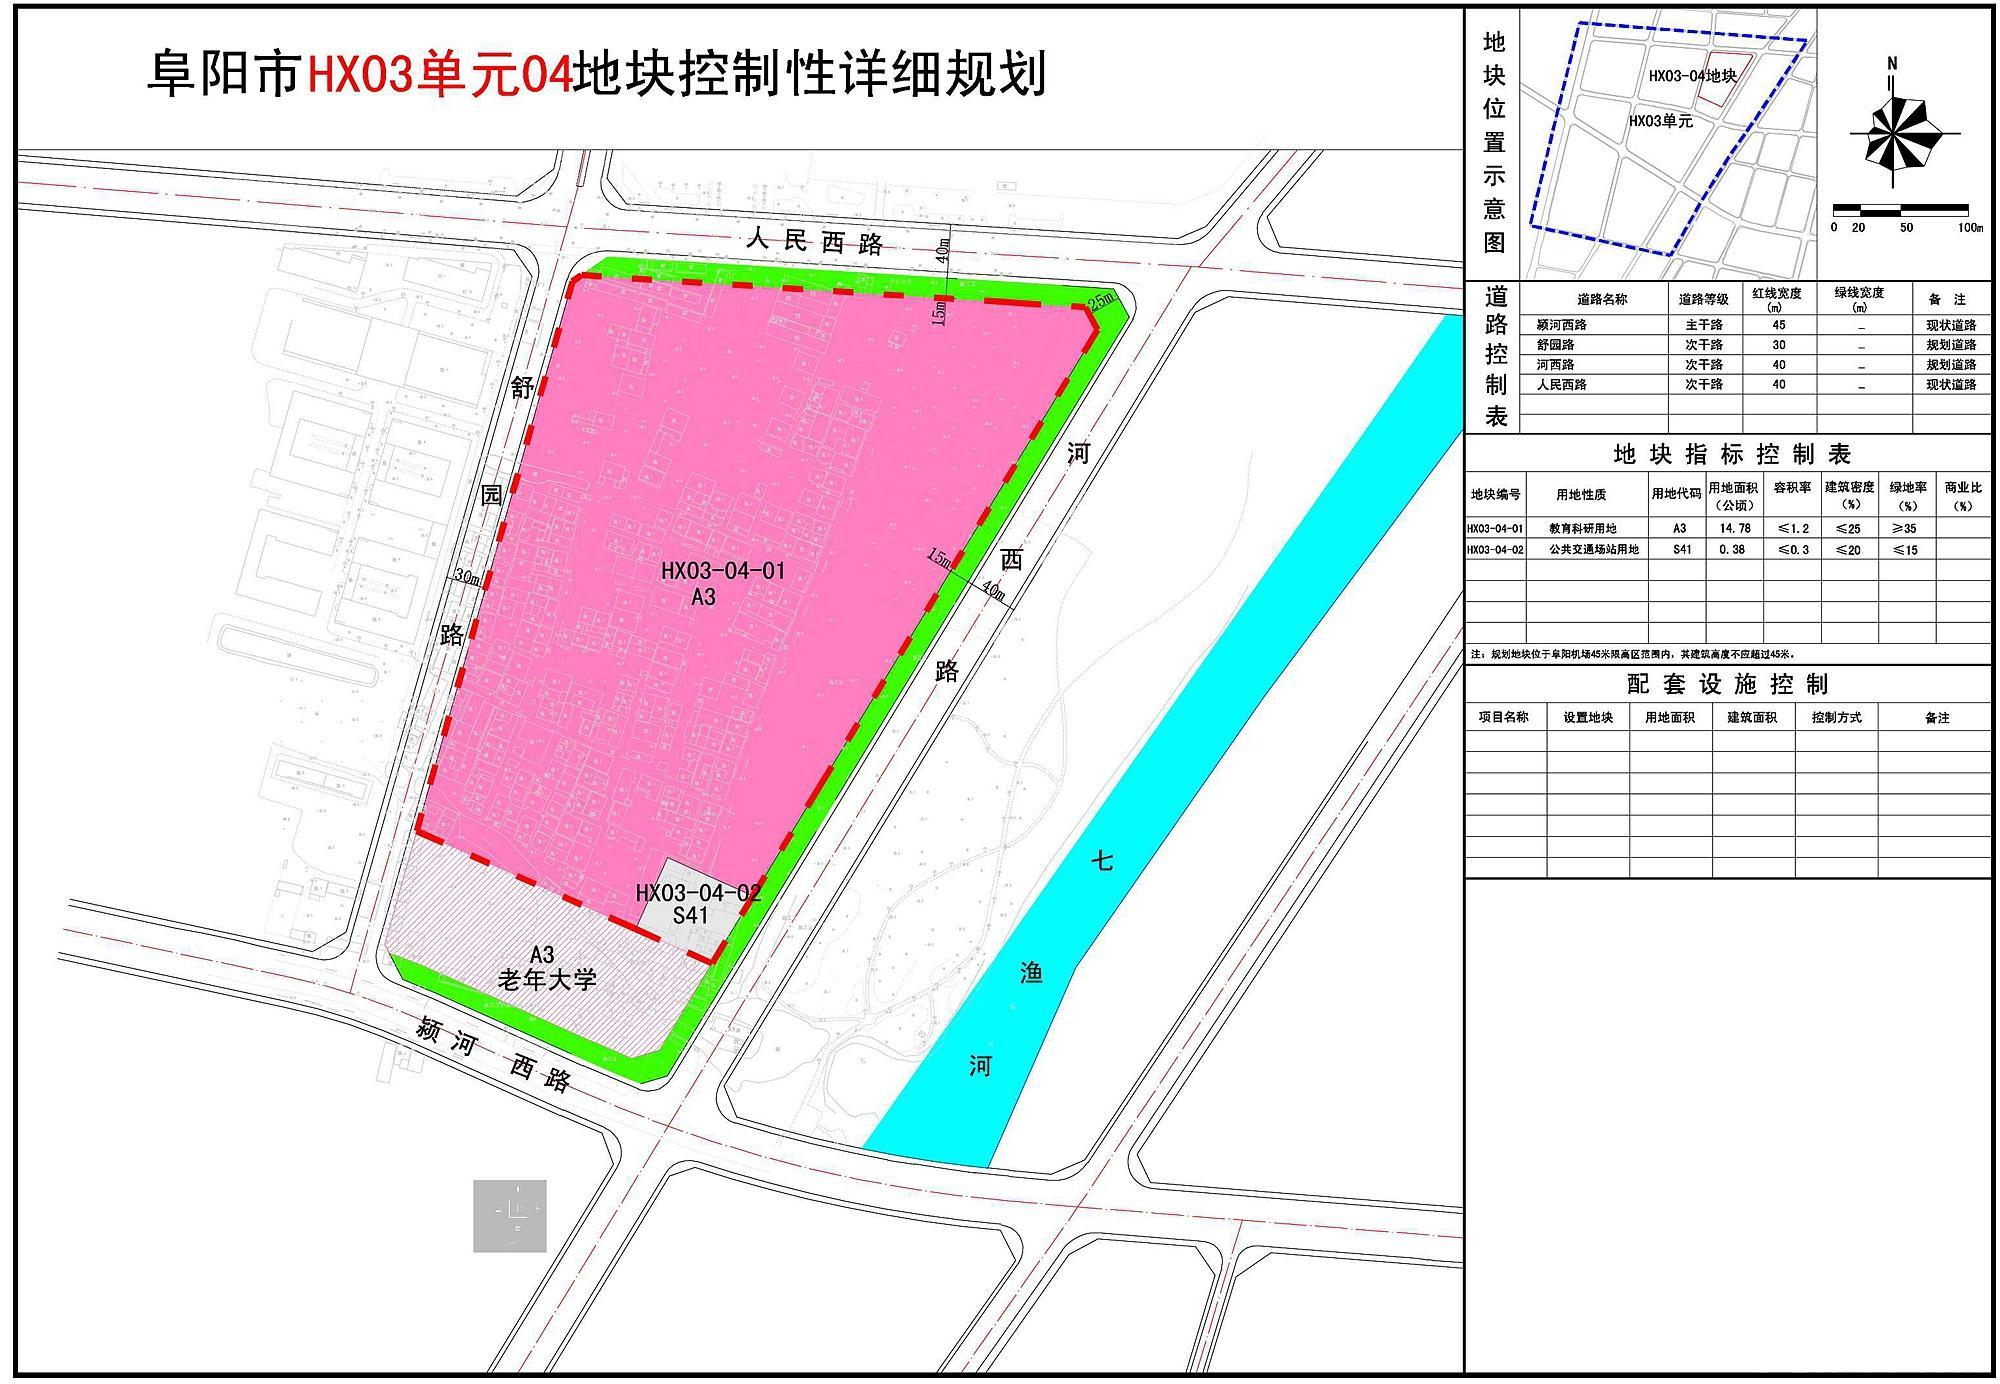 阜阳HX03单元04地块规划为教育科研及公共交通用地